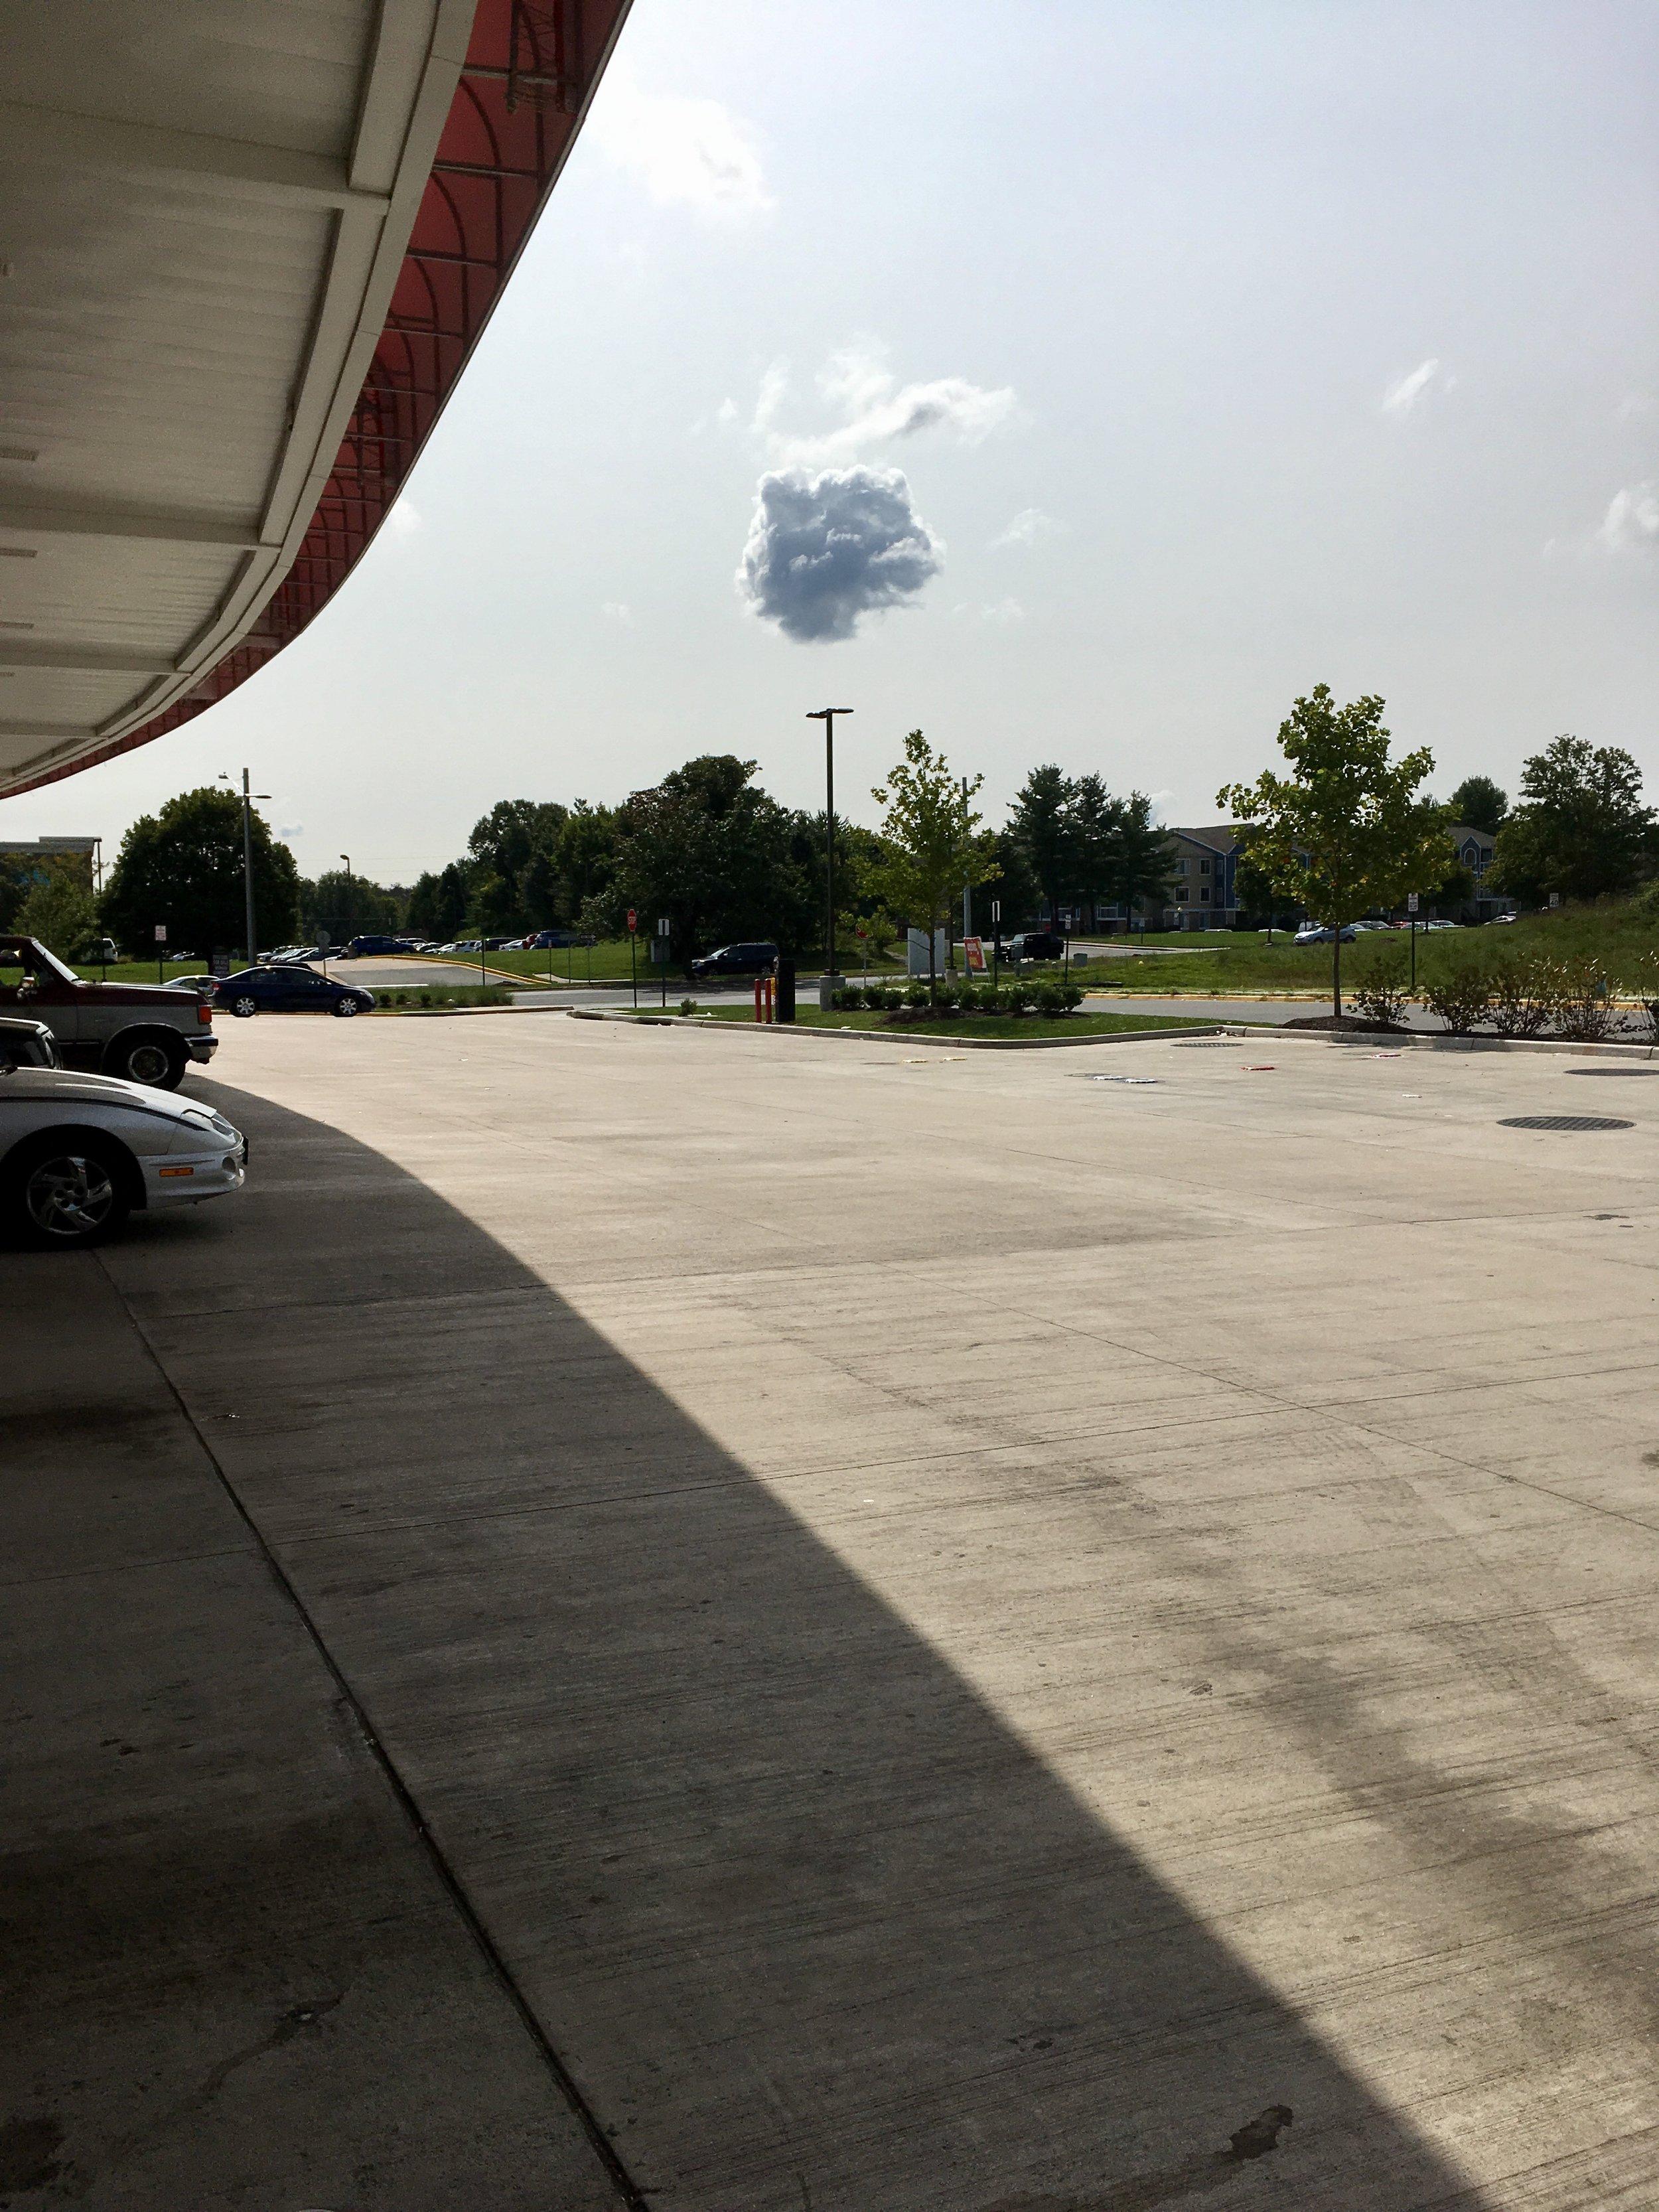 Lone cloud, Manassas VA